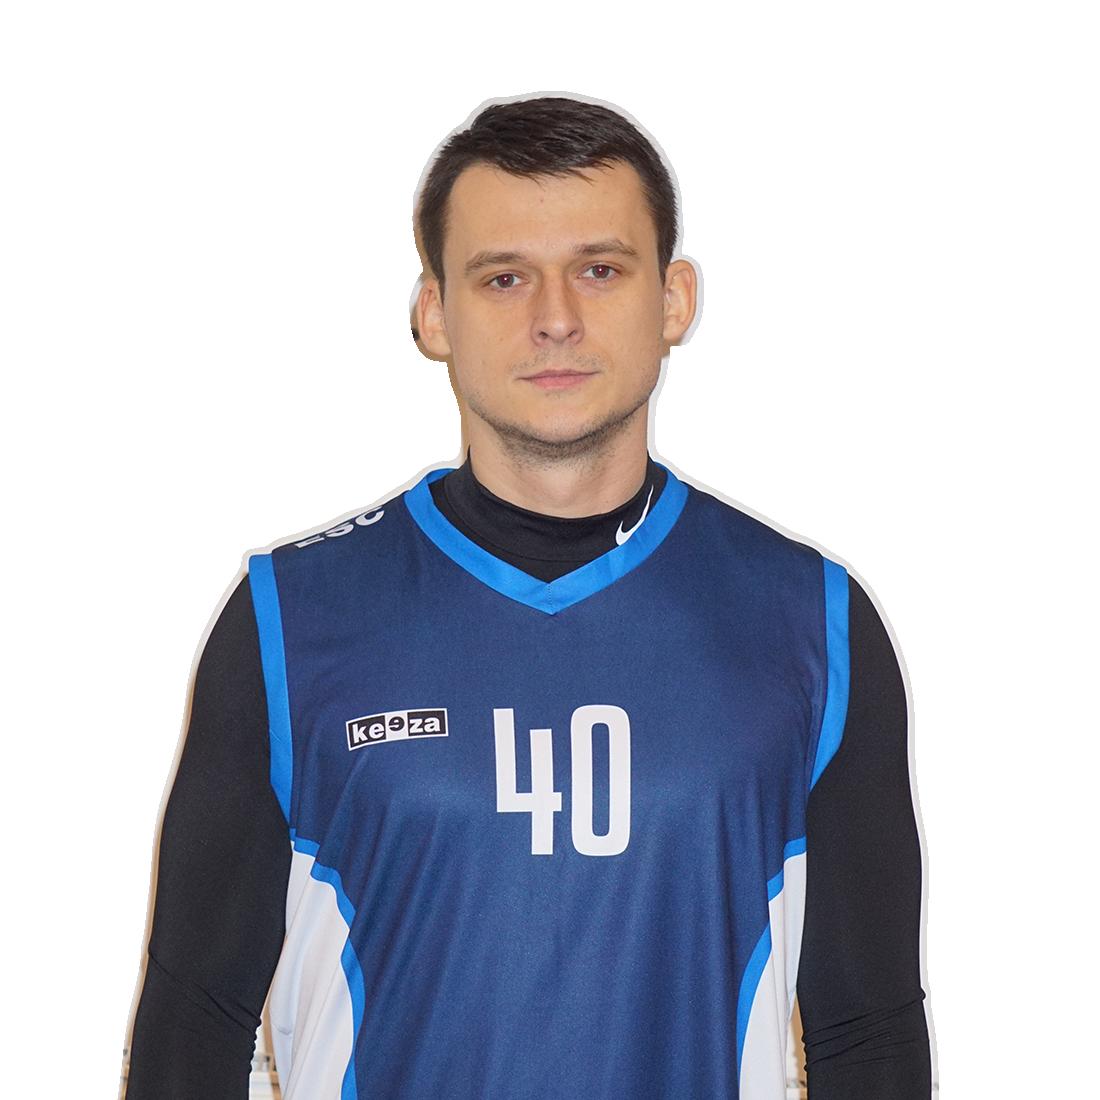 Piotr Borkowski